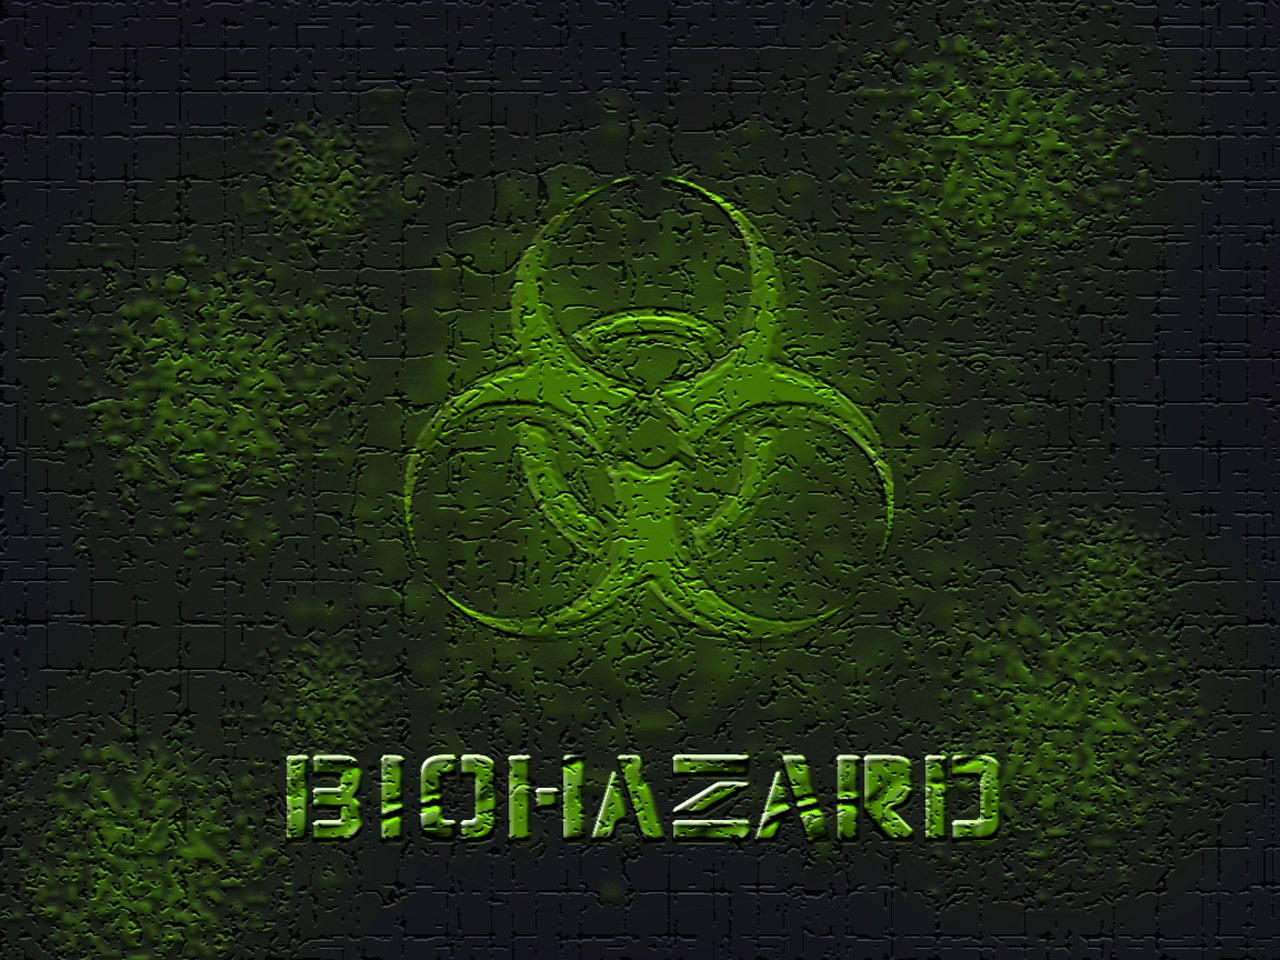 Green bioHAZARD by veteran13 1280x960